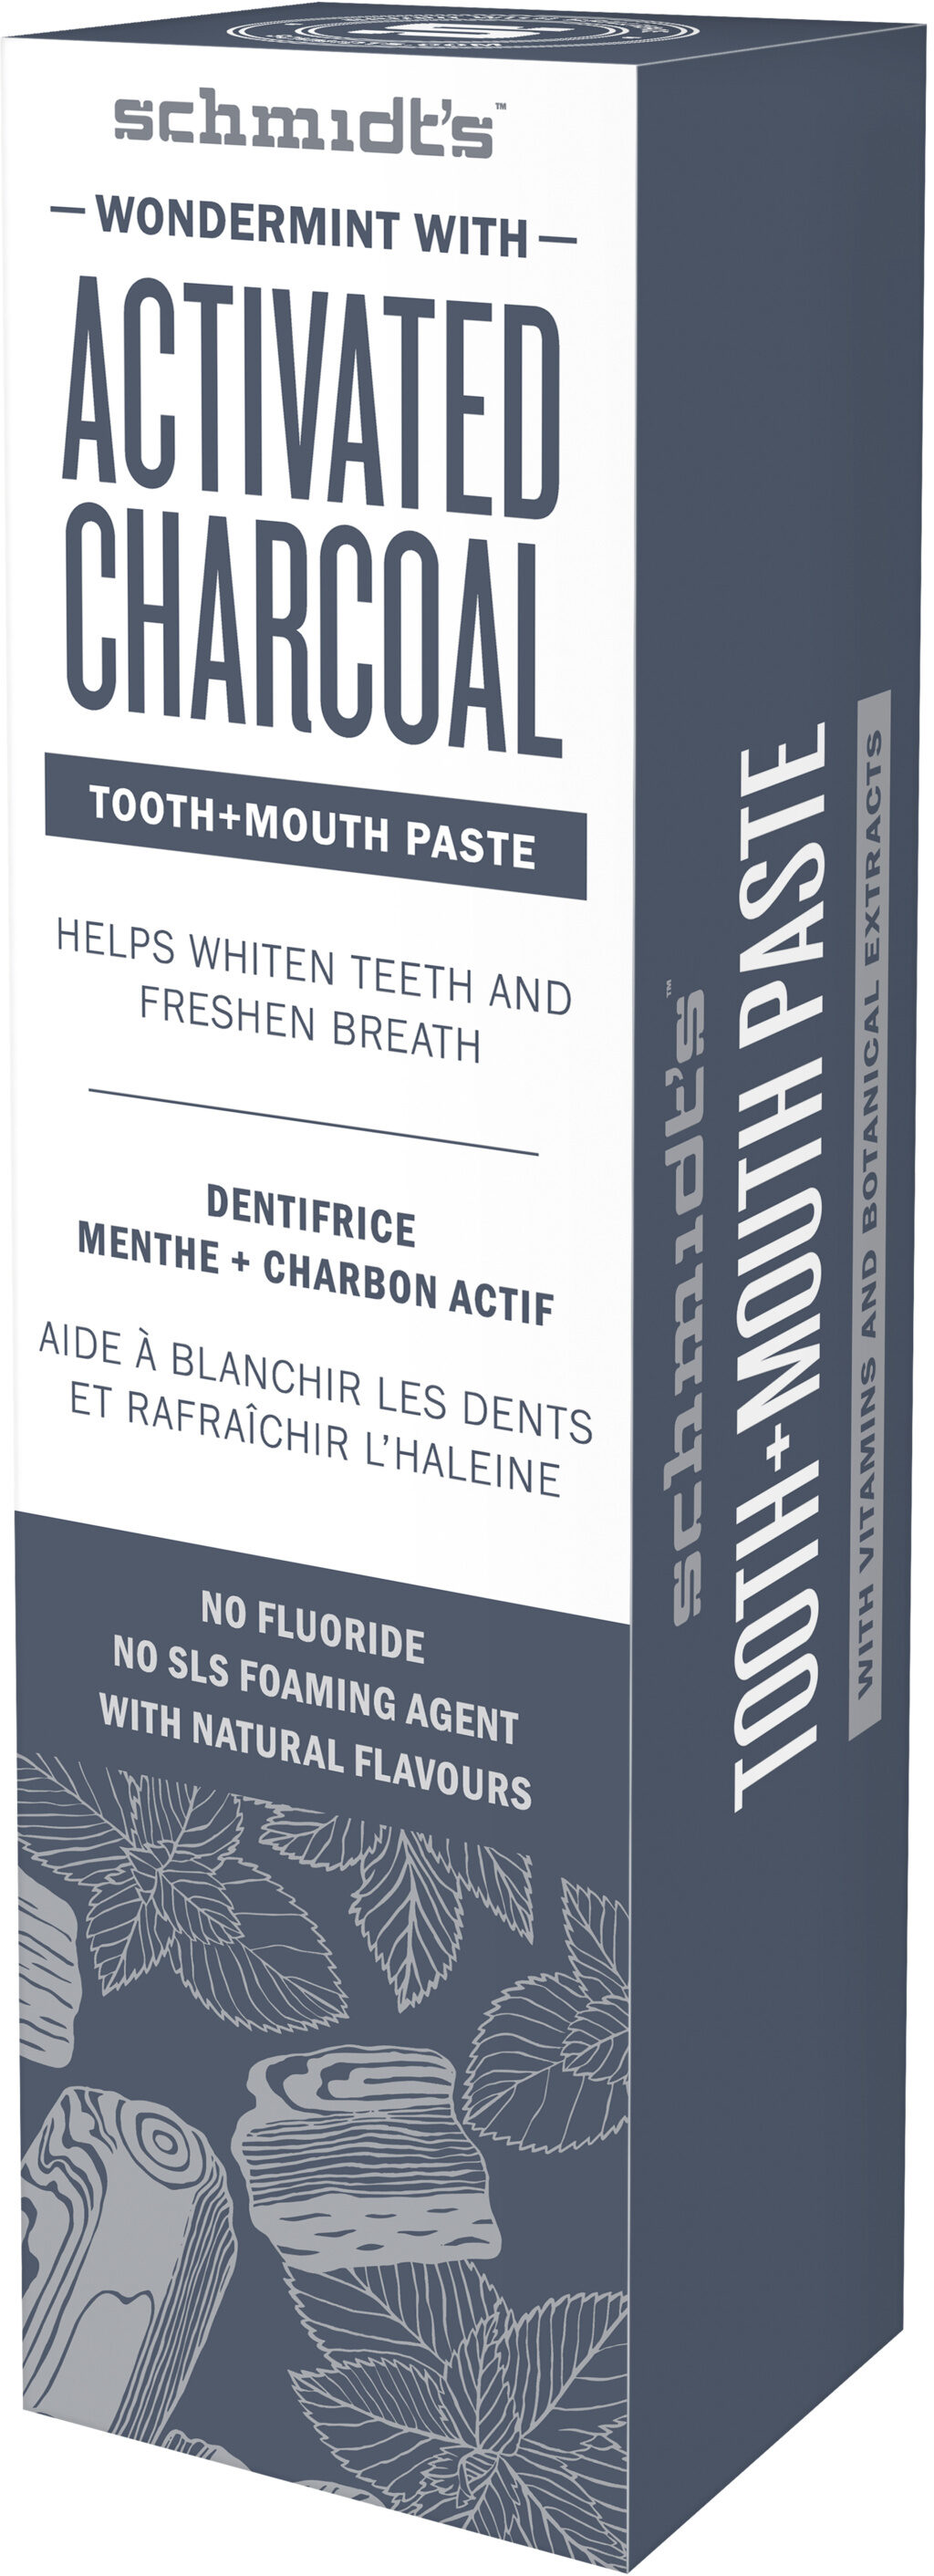 Schmidt's Dentifrice Menthe Intense au Charbon Actif - Product - fr